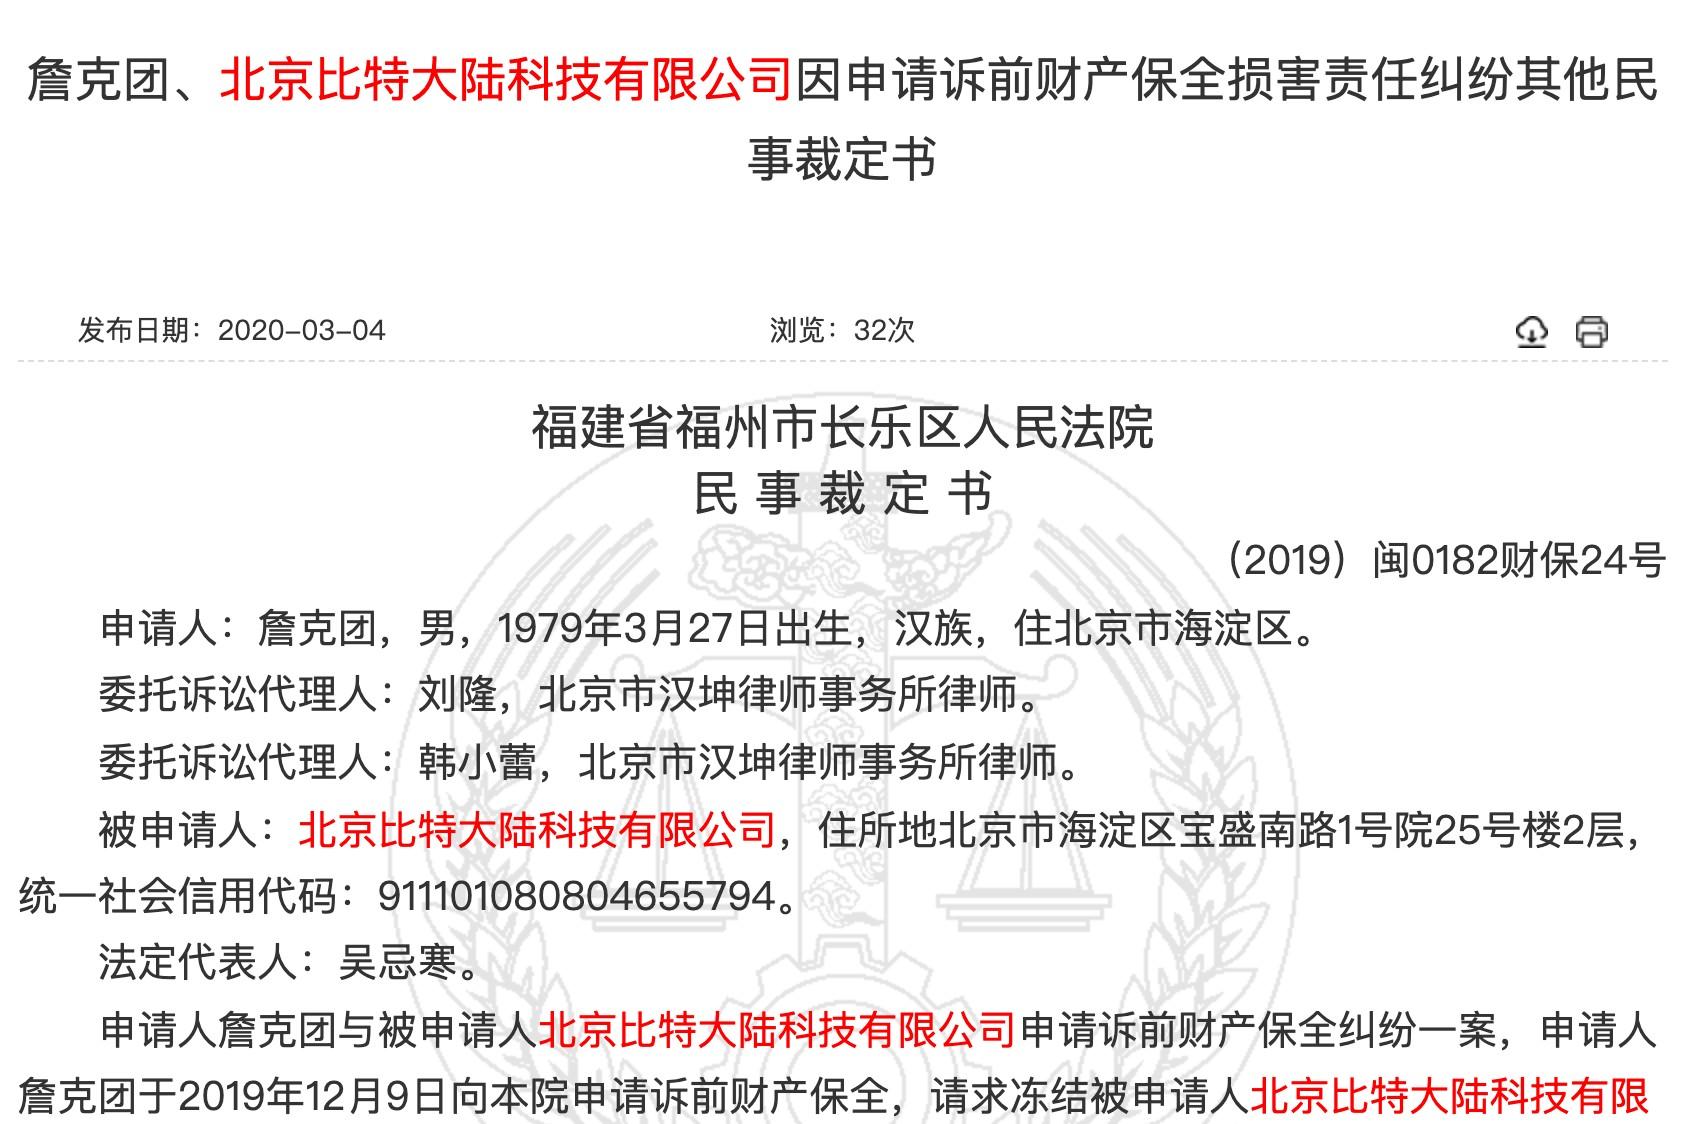 福州中院驳回比特大陆上诉 詹克团提出财产保全有效_LibraNews_LibraNews网